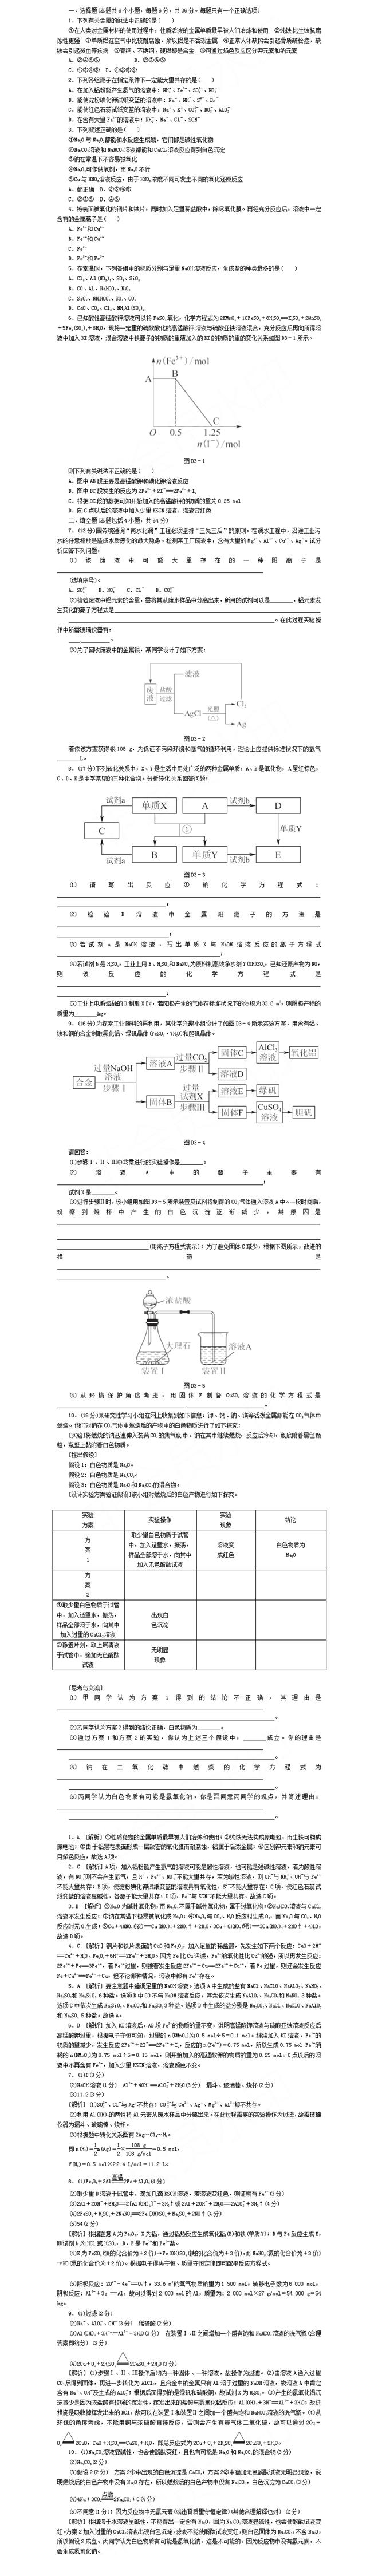 2019年高考化学基础提升试题及答案(4)